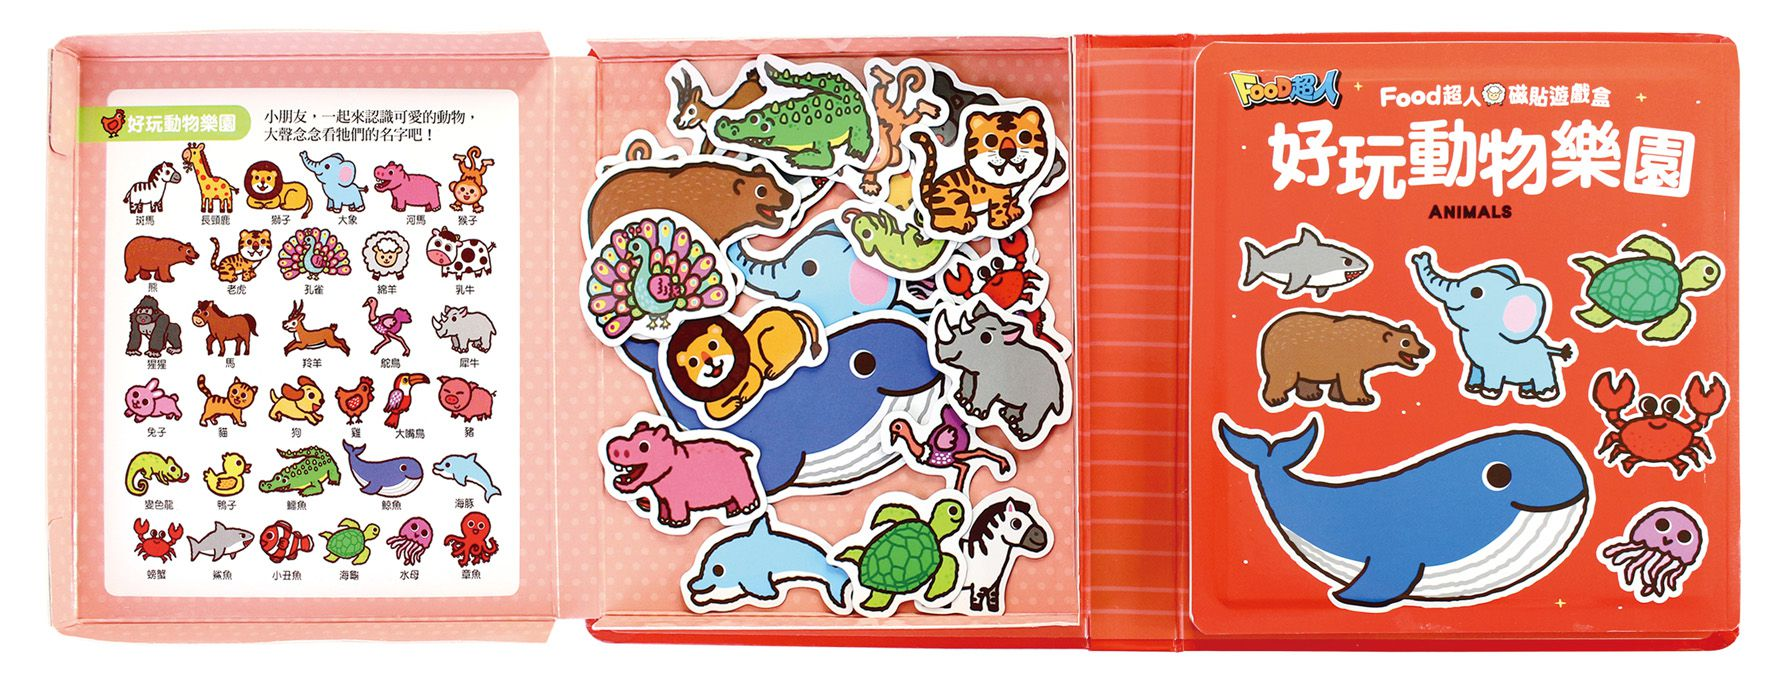 FOOD超人磁貼遊戲盒-好玩動物樂園